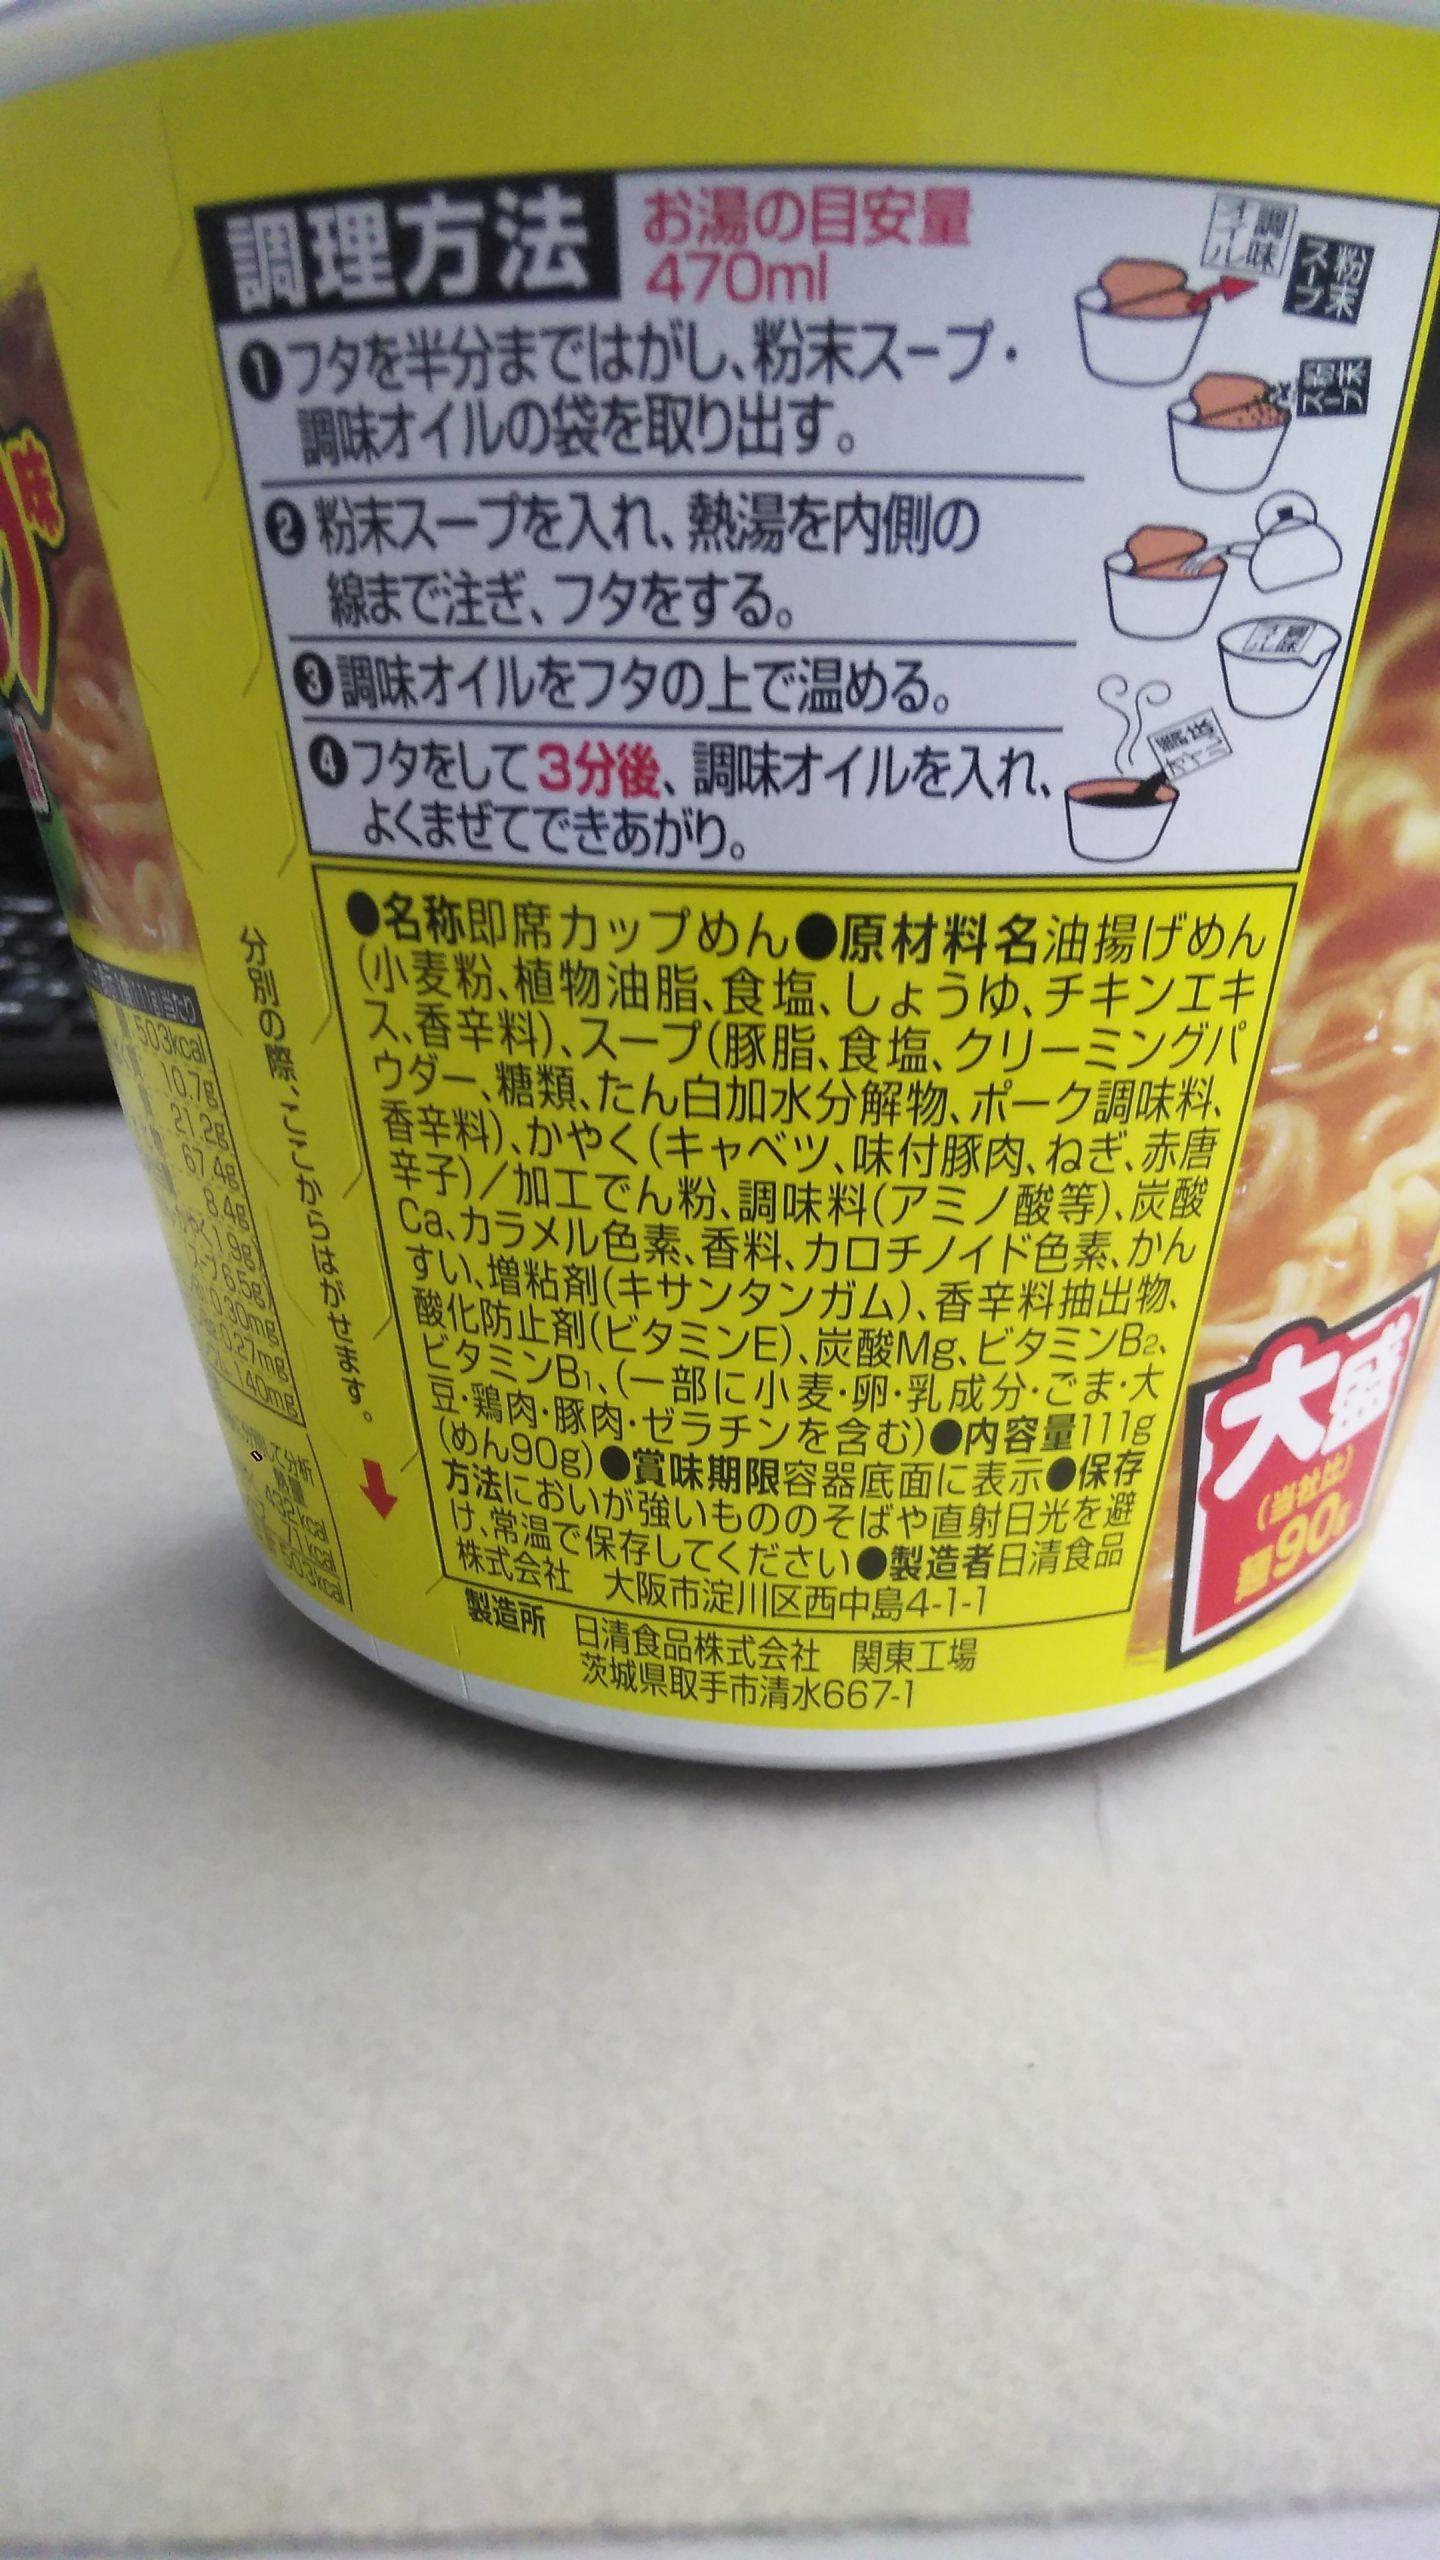 日進デカうま 豚ニンニク味の原材料とか